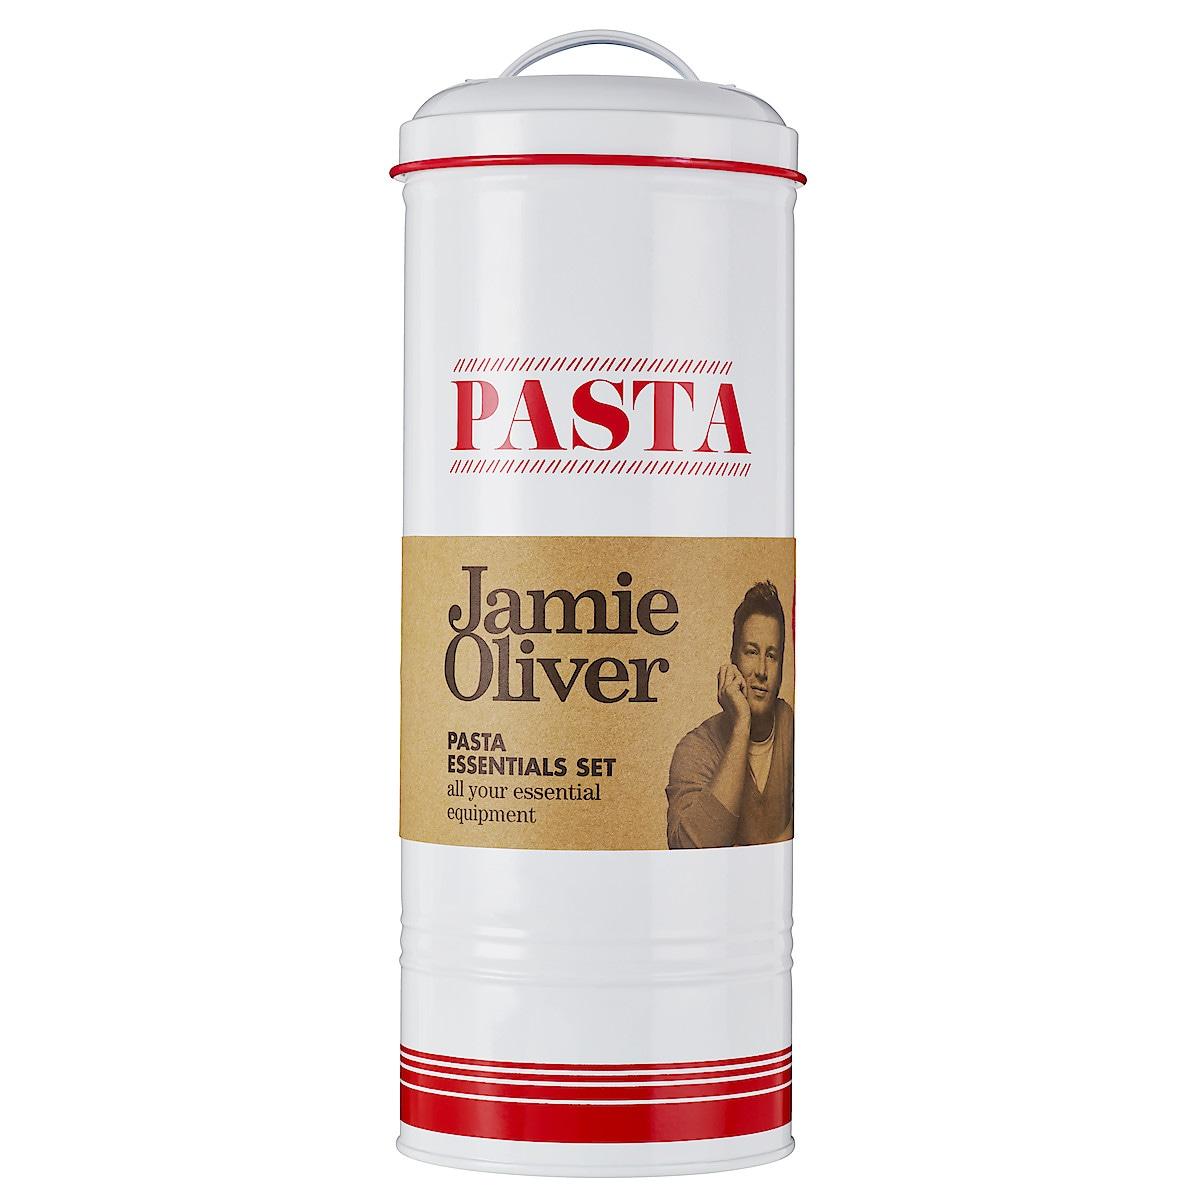 Pastasarja Jamie Oliver